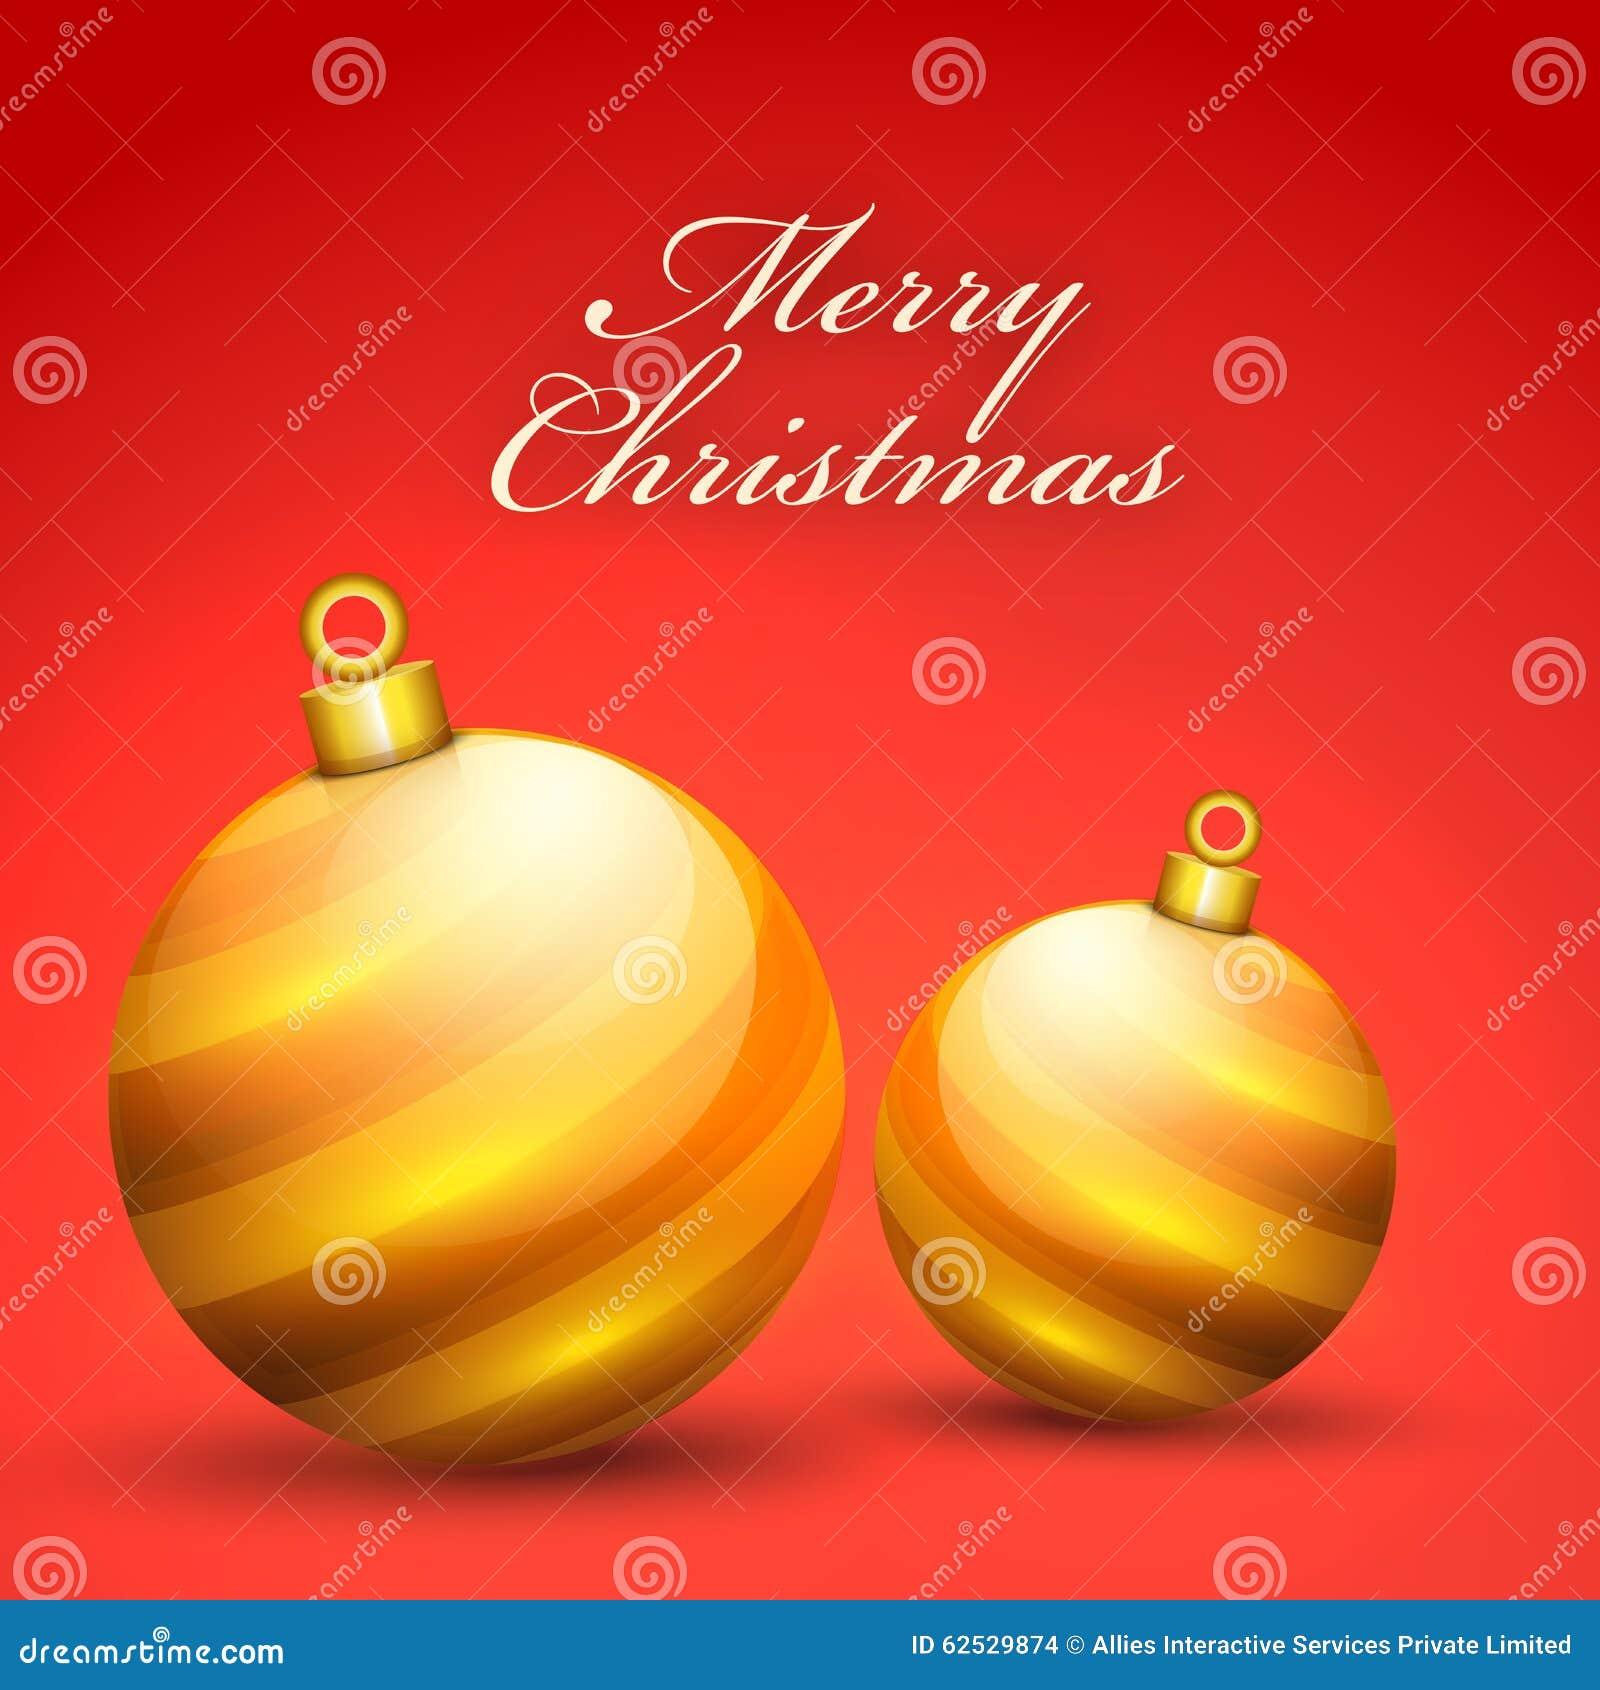 圣诞节庆祝贺卡